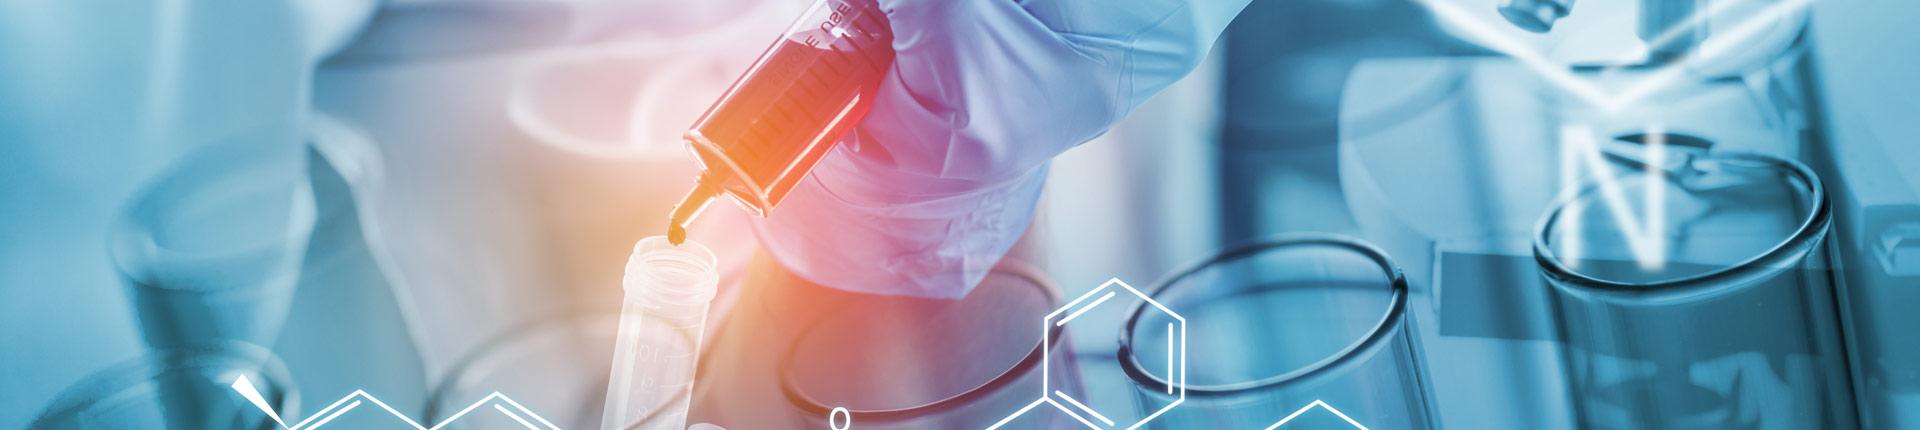 Hormon wzrostu i IGF-1 skracają życie?